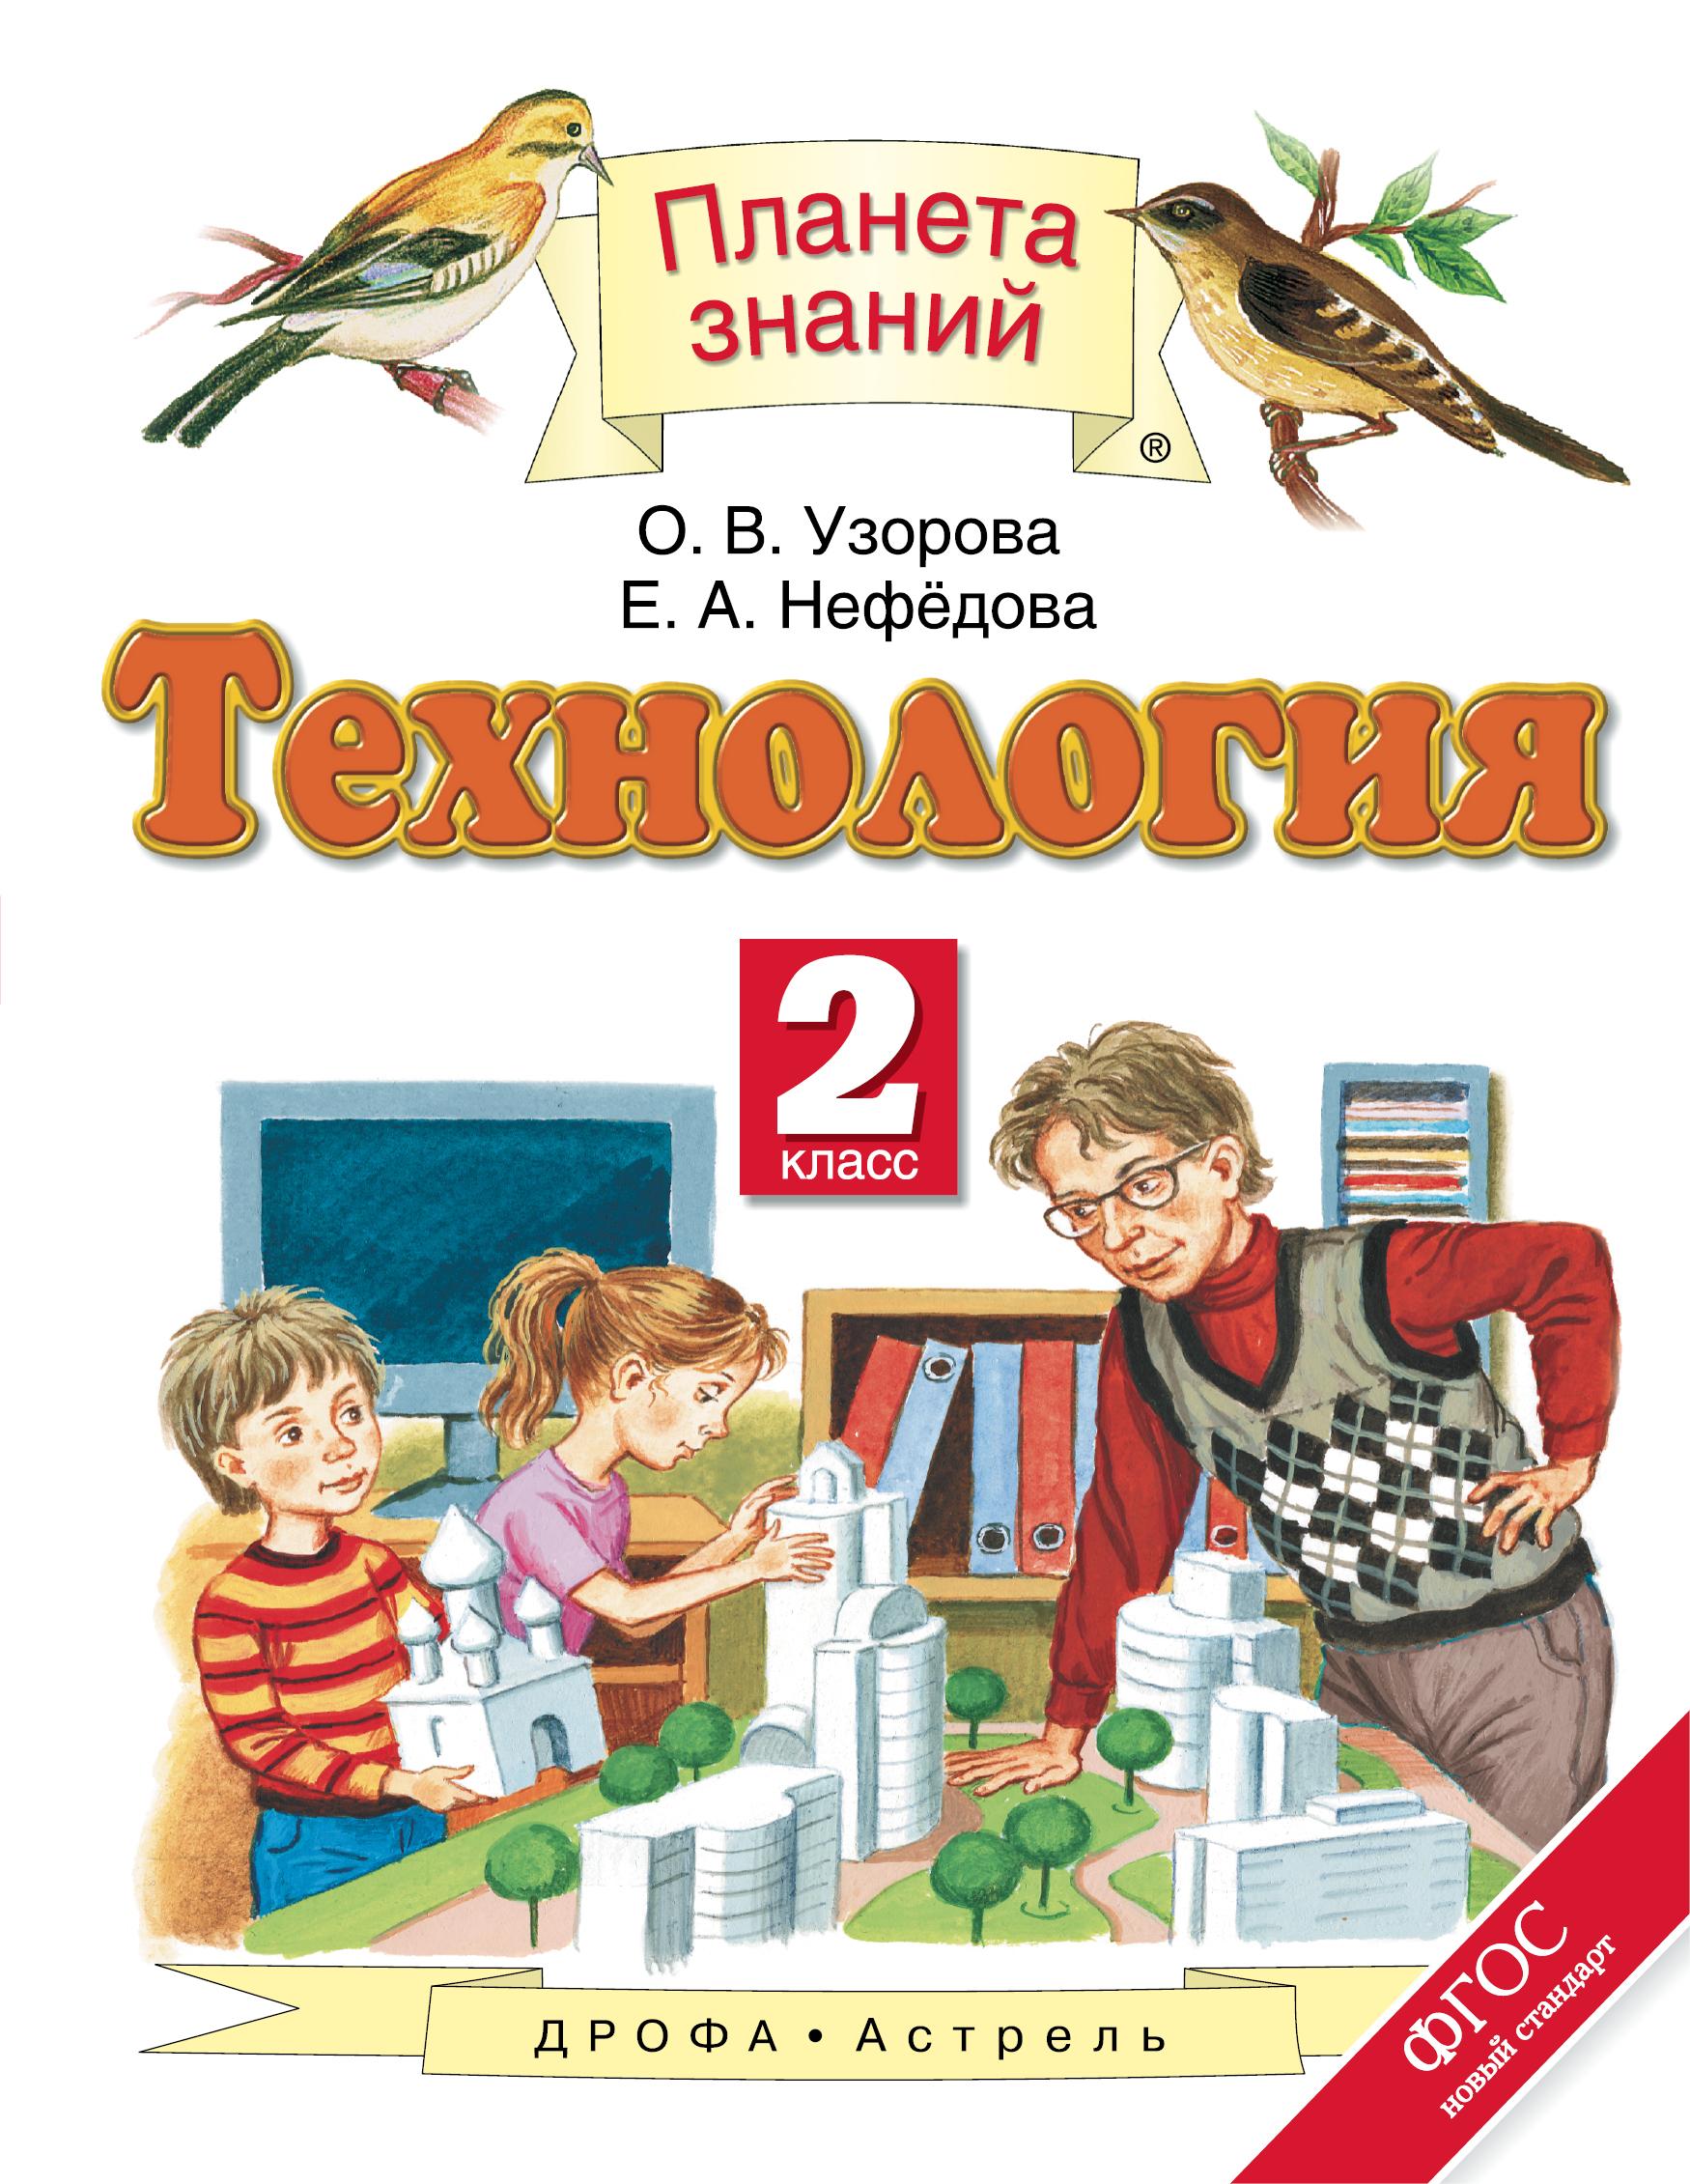 О. В. Узорова, Е. А. Нефедова Технология. 2 класс. Учебник о в узорова е а нефедова технология 4 класс учебник